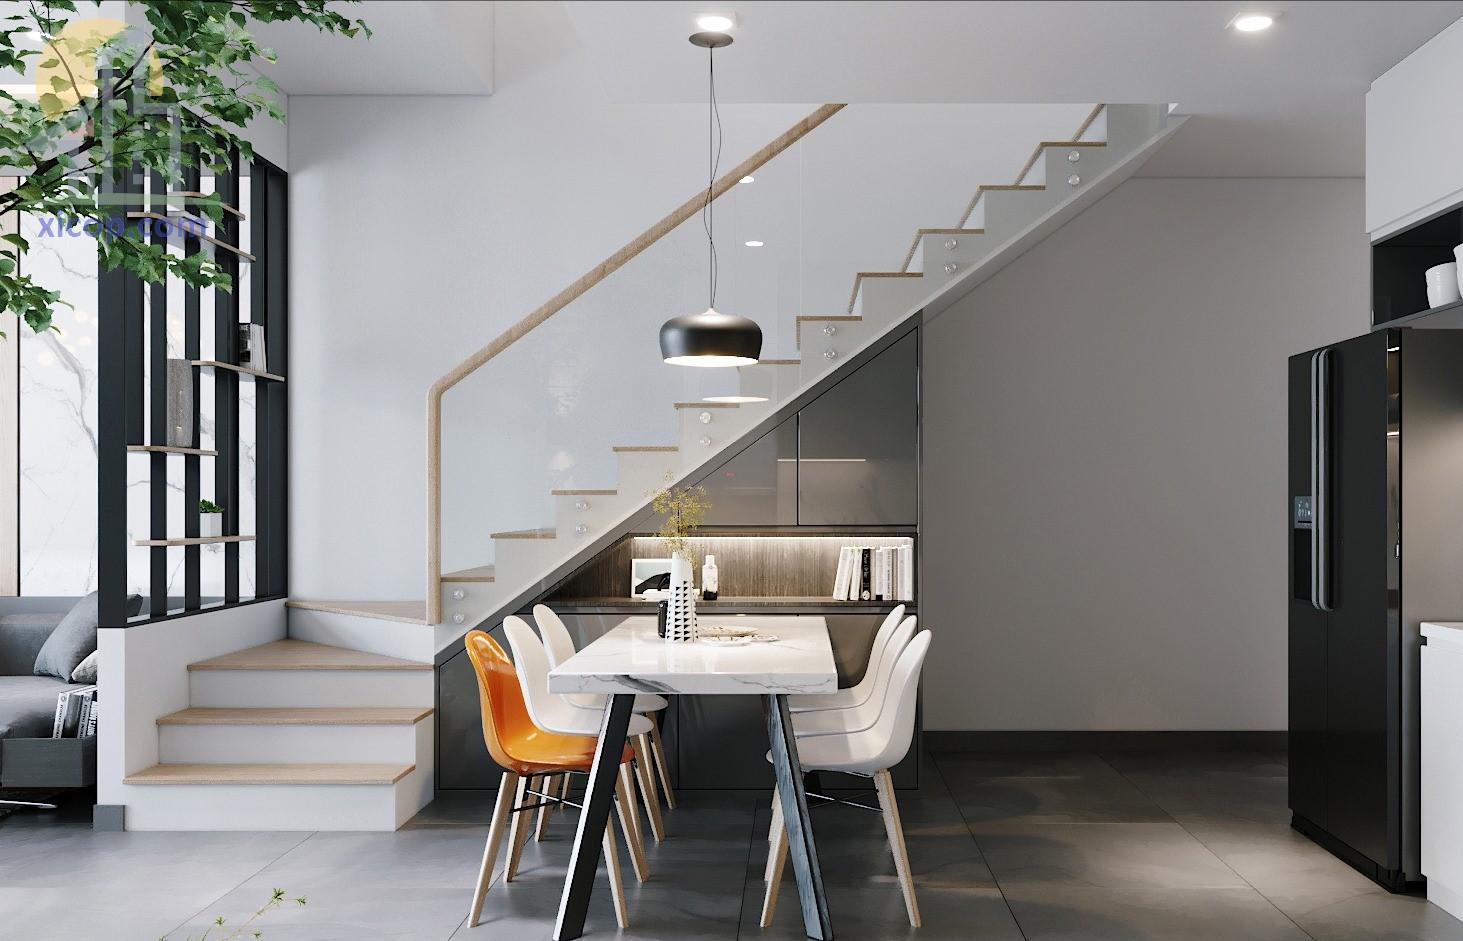 Mẫu nhà 3 tầng mái thái hiện đại và đẹp kiểu nhà ống